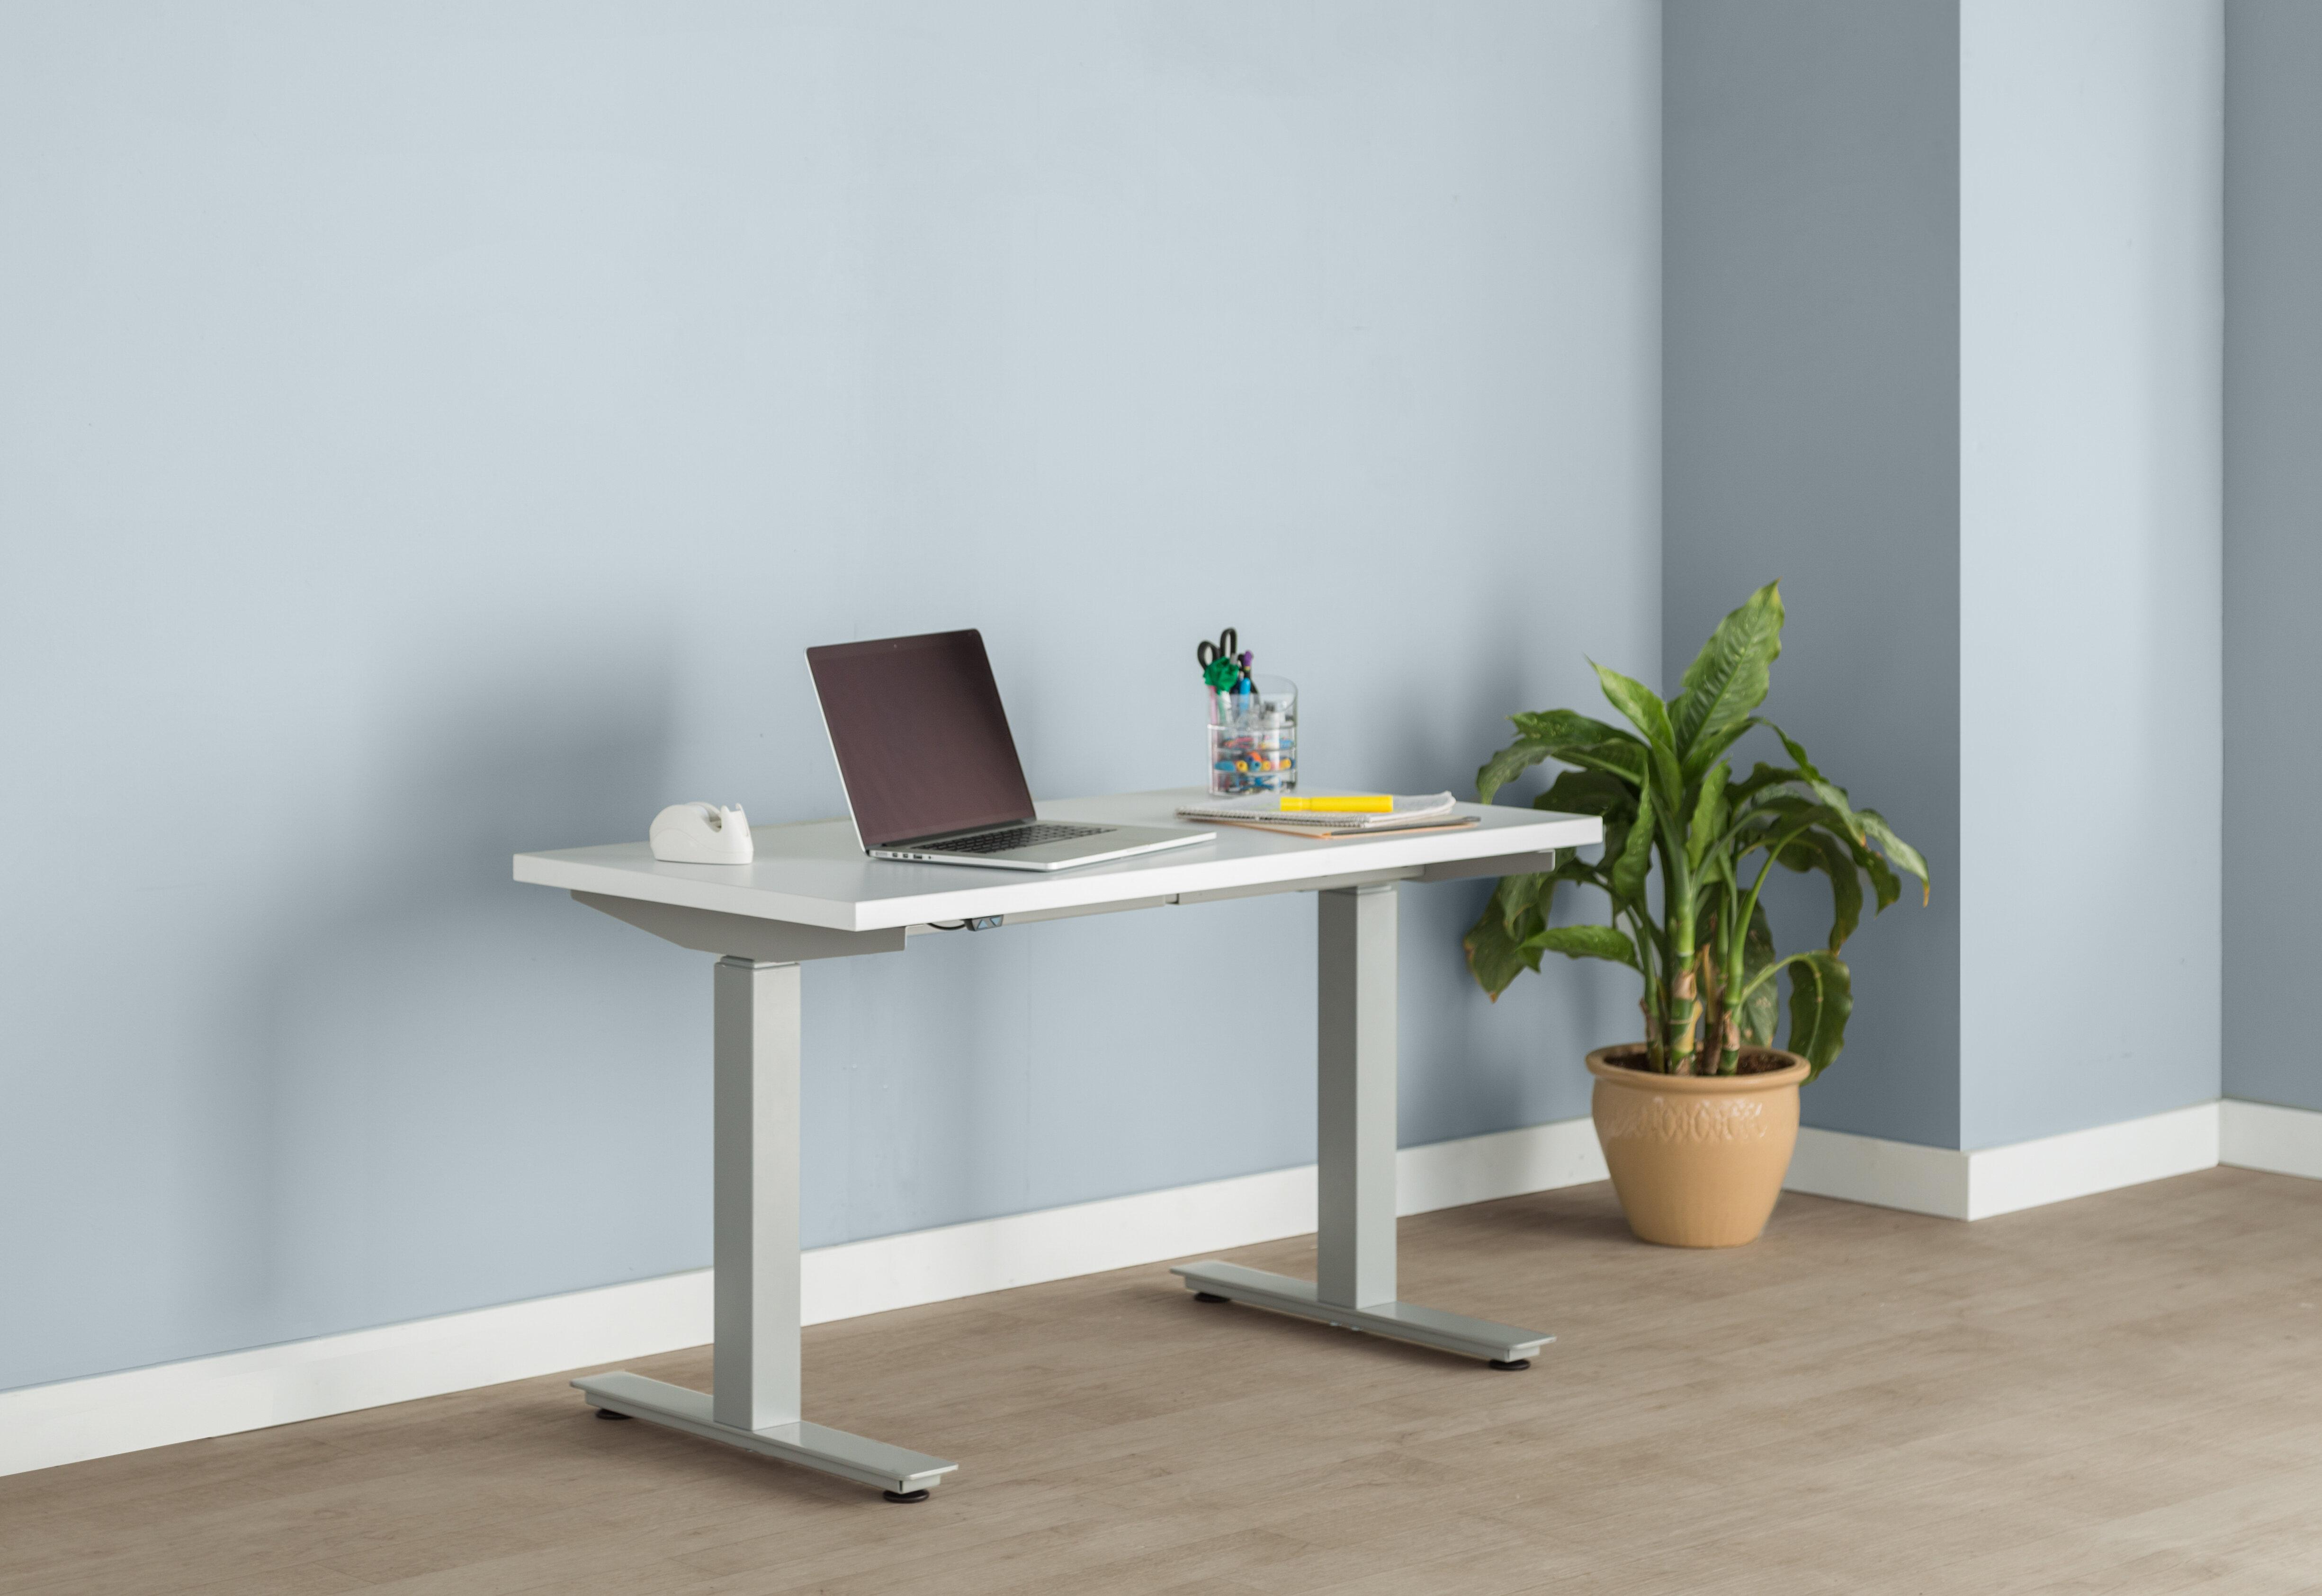 Trendway Express Height Adjustable Standing Desk Wayfair